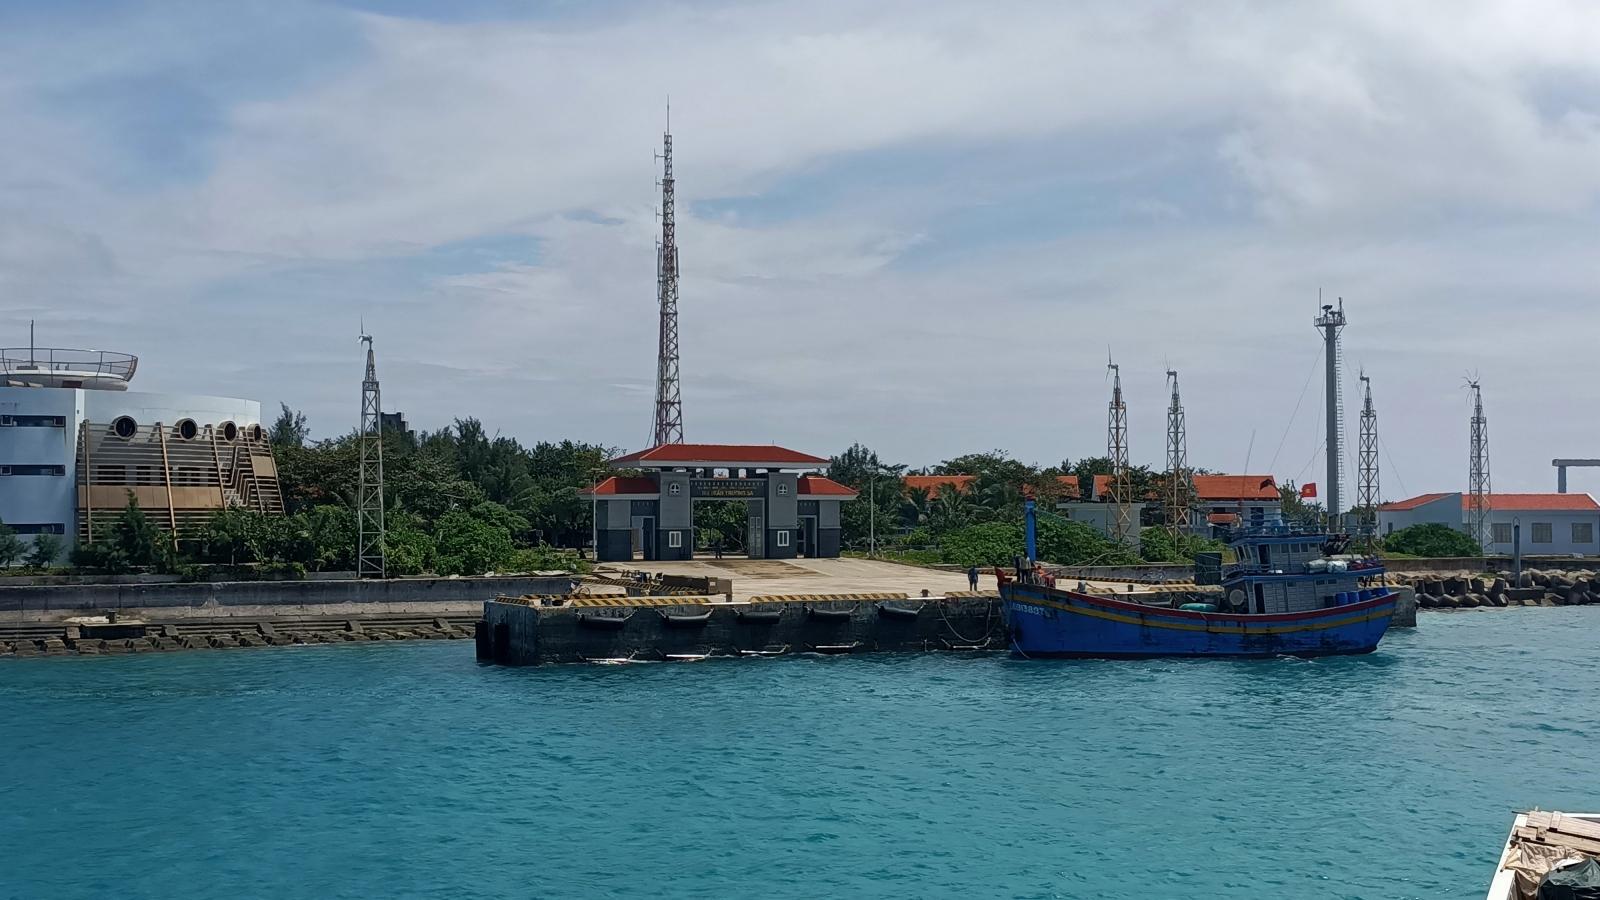 Bàn giao tàu BĐ 91388TS bị thả trôi trên biển cho các cơ quan chức năng